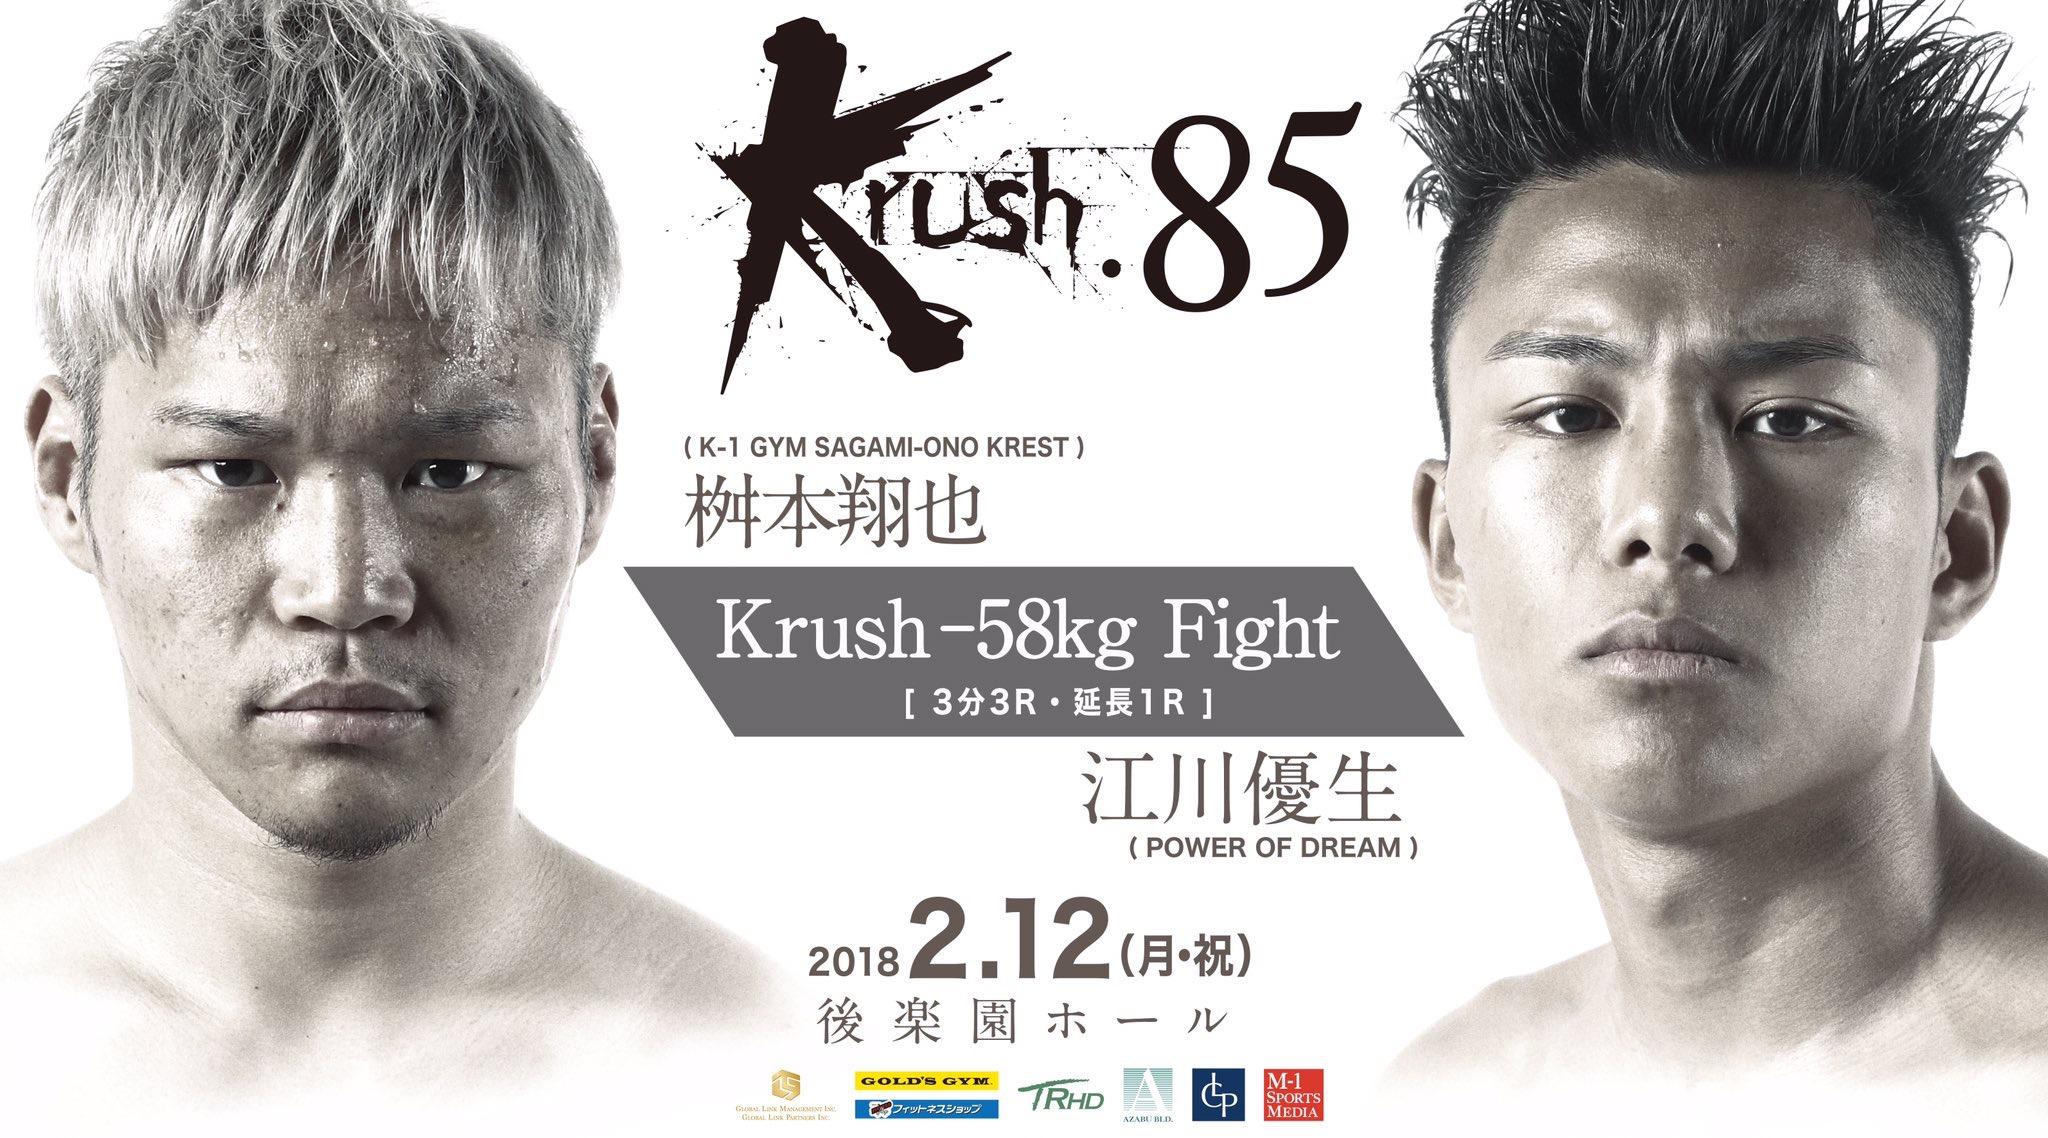 【試合決定!Krush85 江川・中野選手両名が出場!】